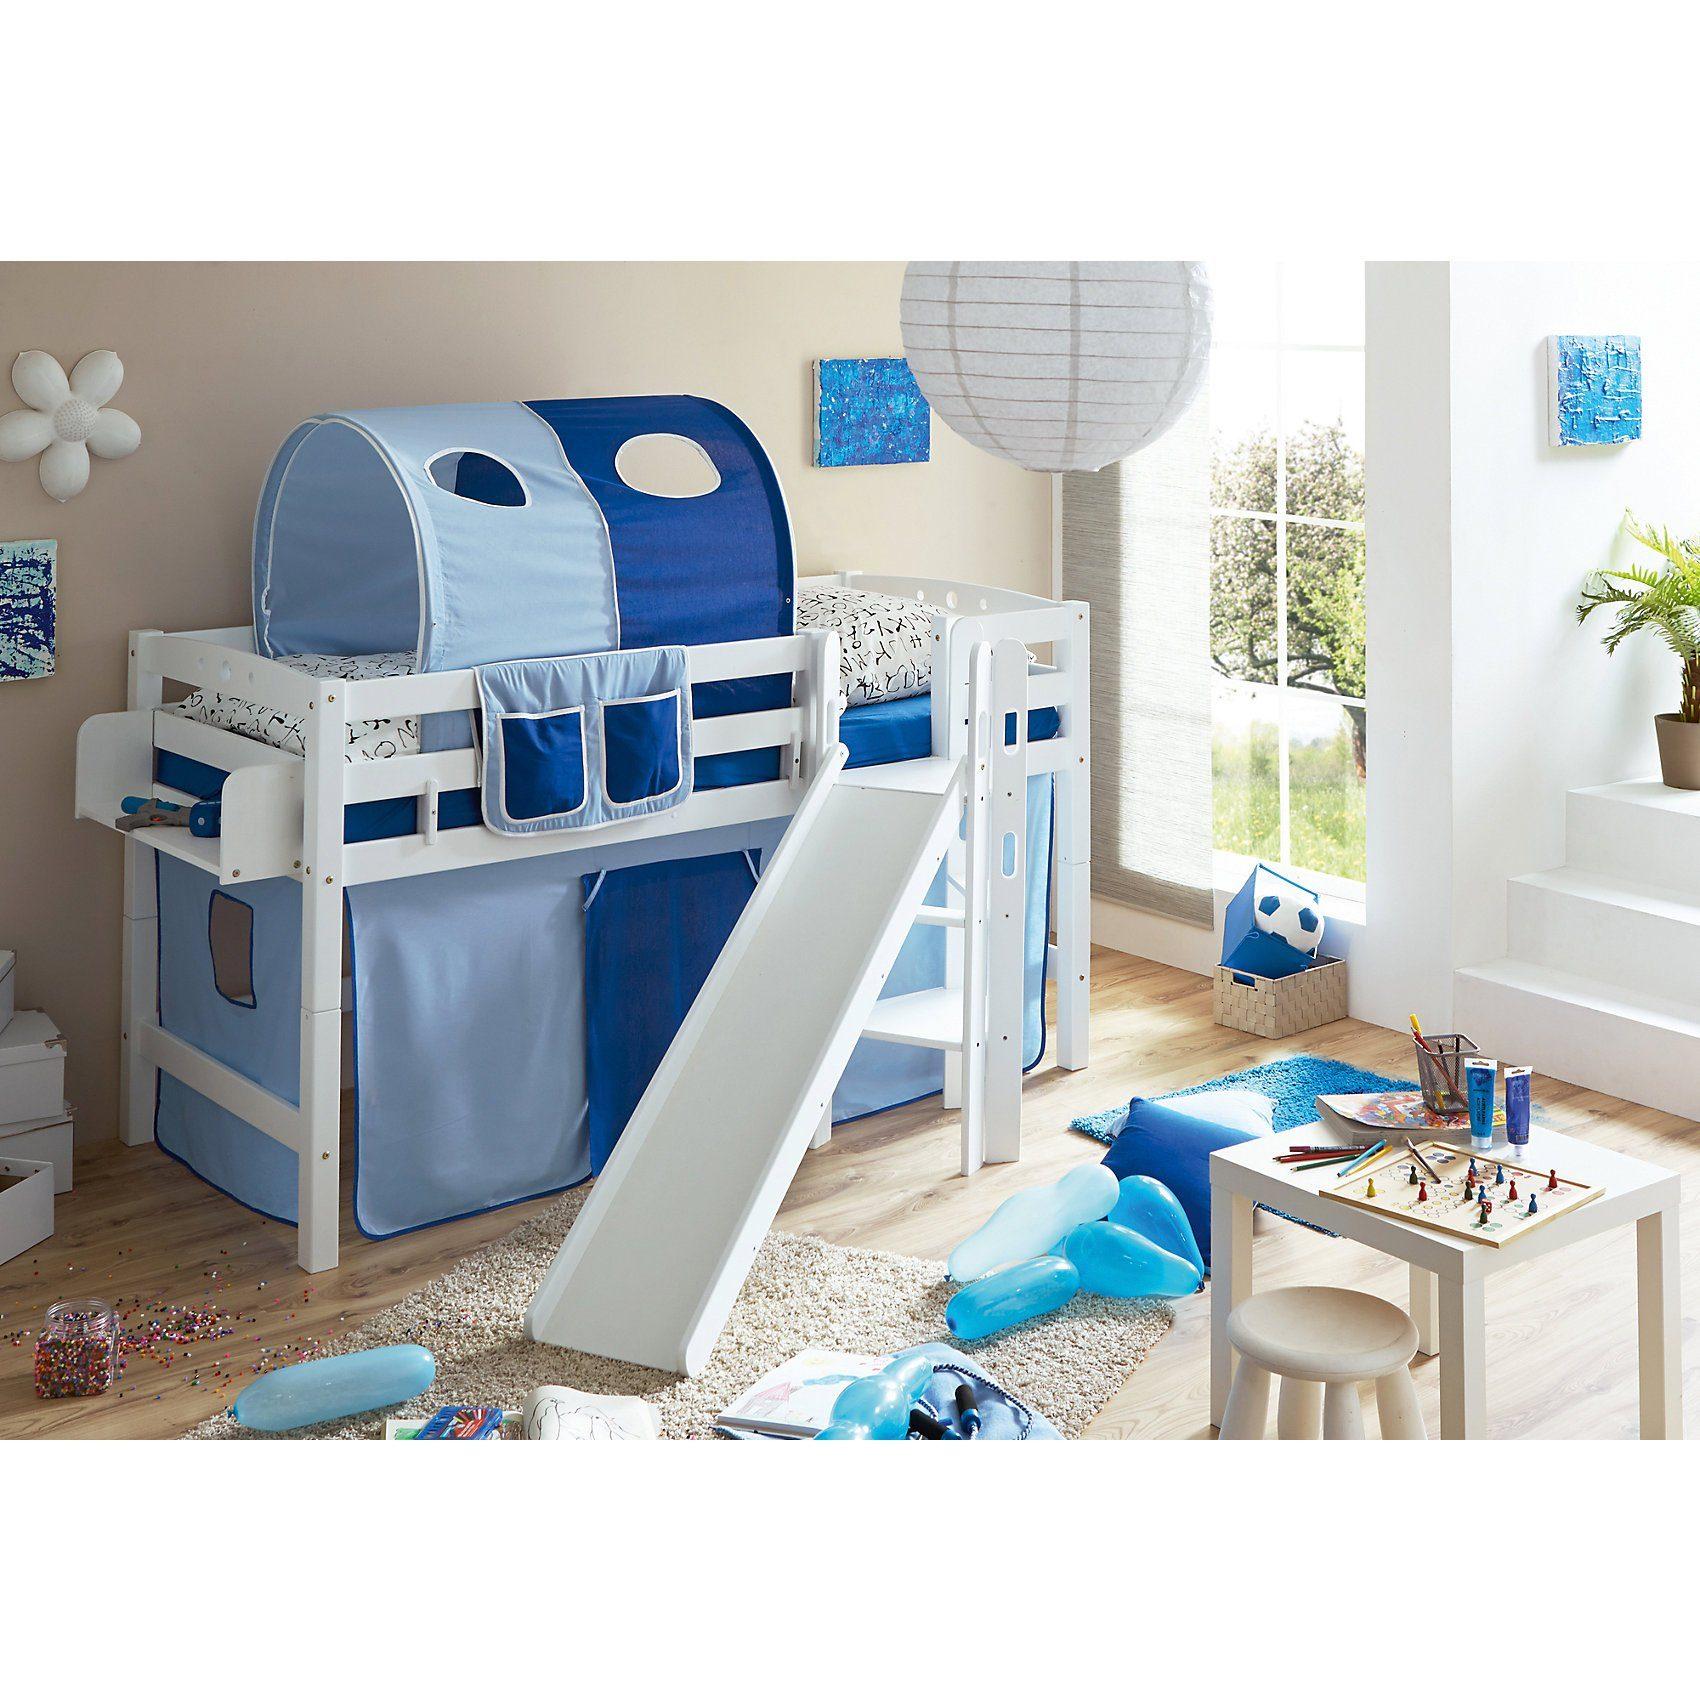 Ticaa Spielbett Tino, Buche massiv, weiß lackiert, hellblau-dunkel